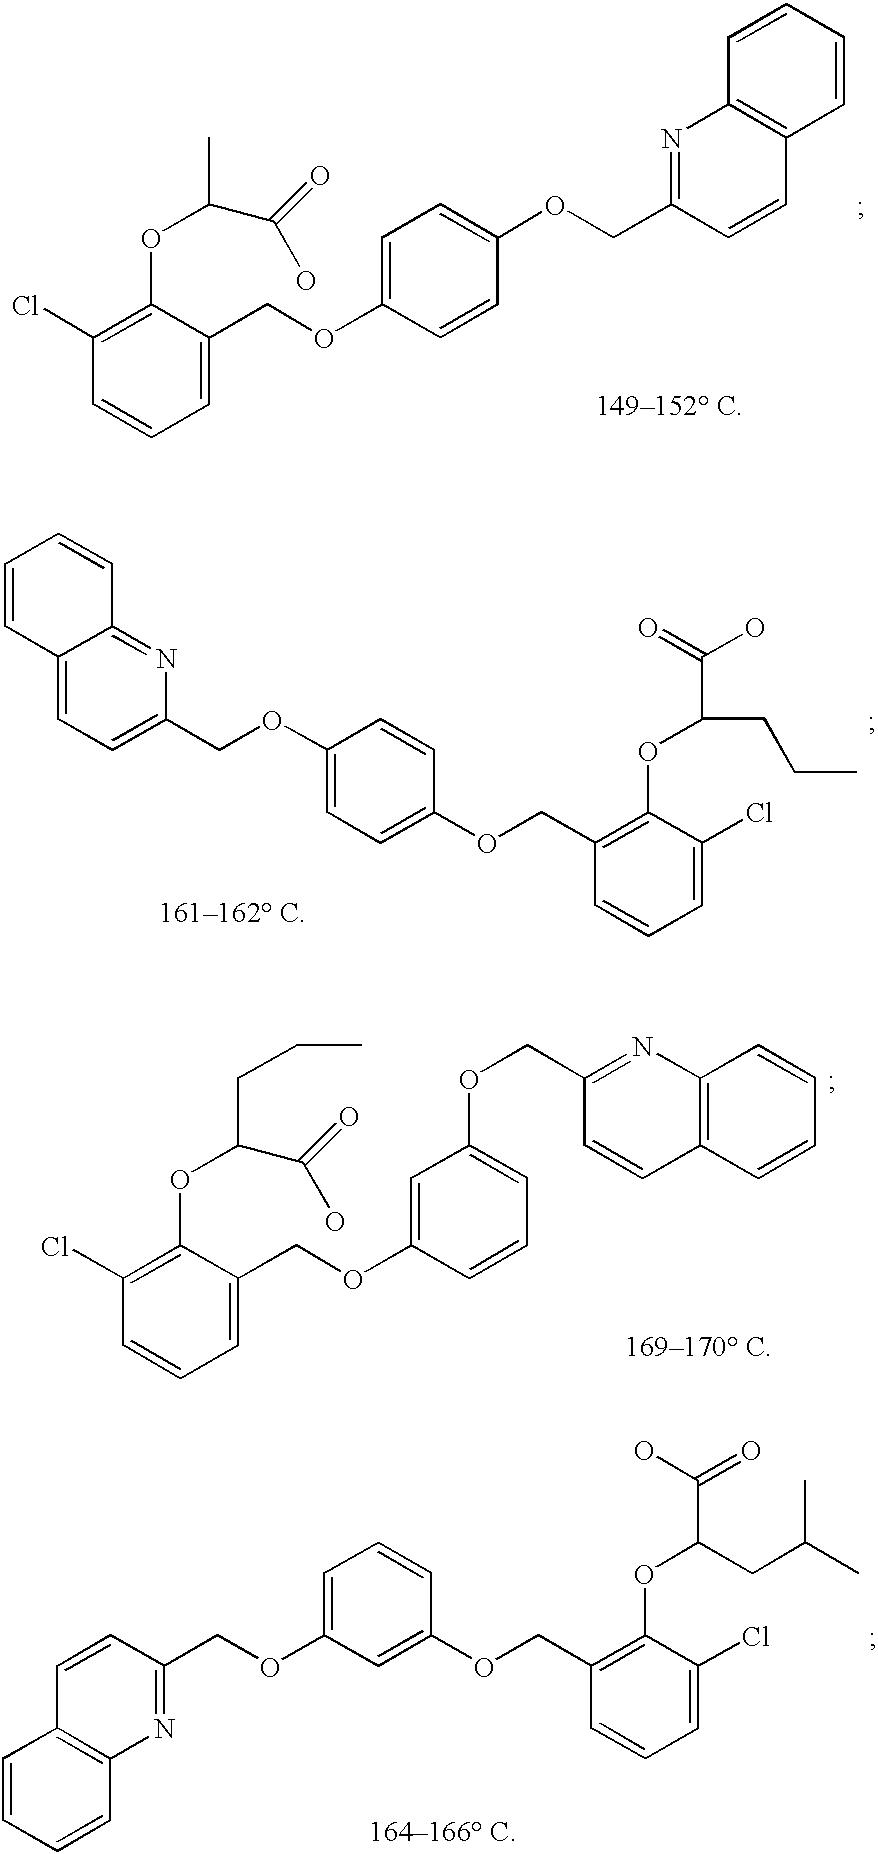 Figure US20030220373A1-20031127-C00309